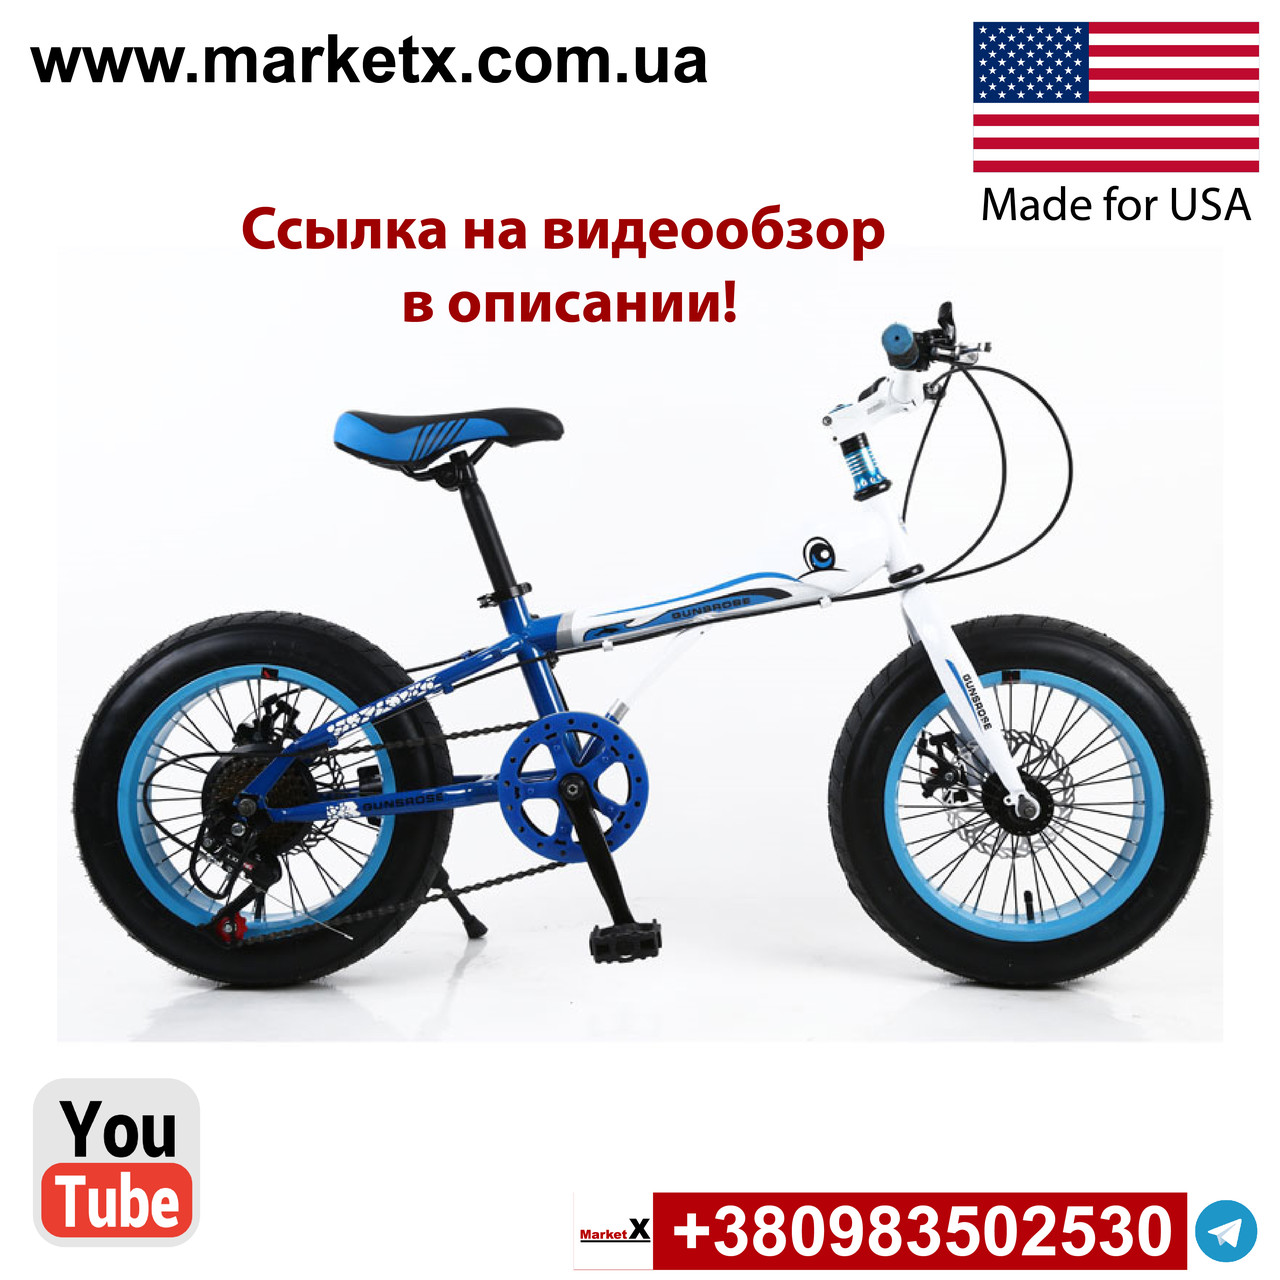 Детский горный велосипед 16 дюймов синий с белым